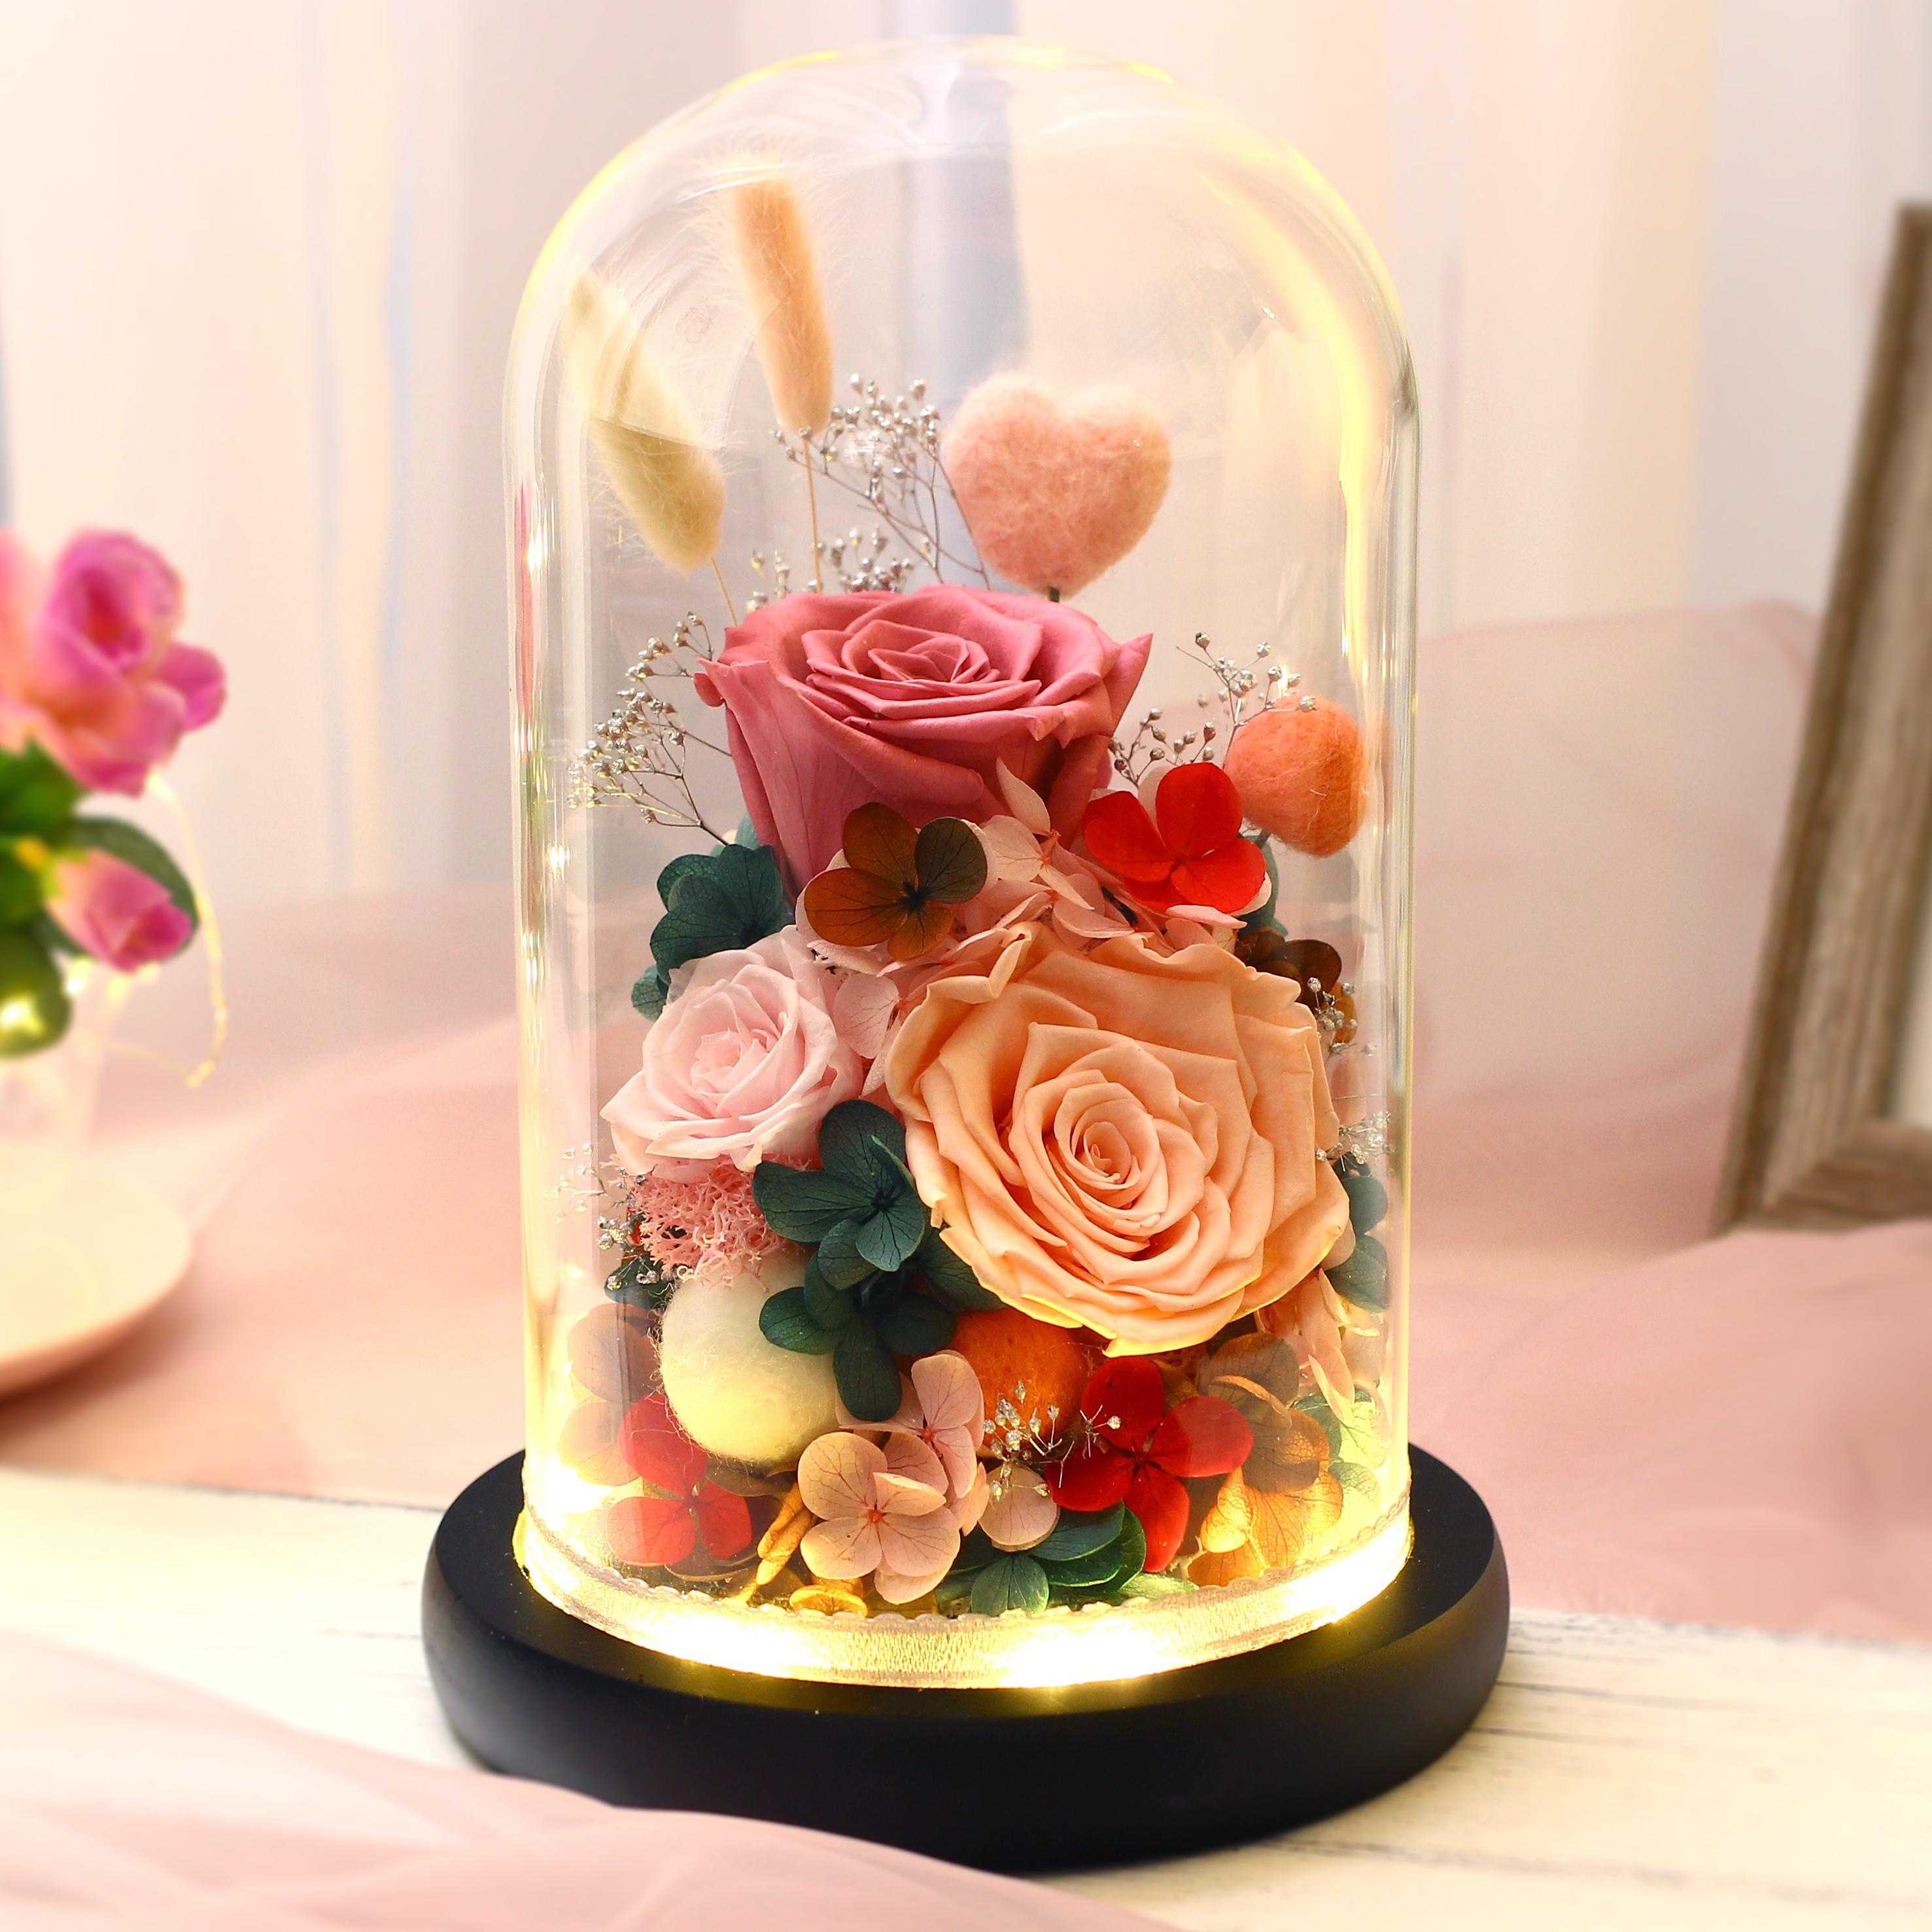 进口永生花玻璃罩礼盒摆件520情人节生日礼物康乃馨玫瑰保鲜干花